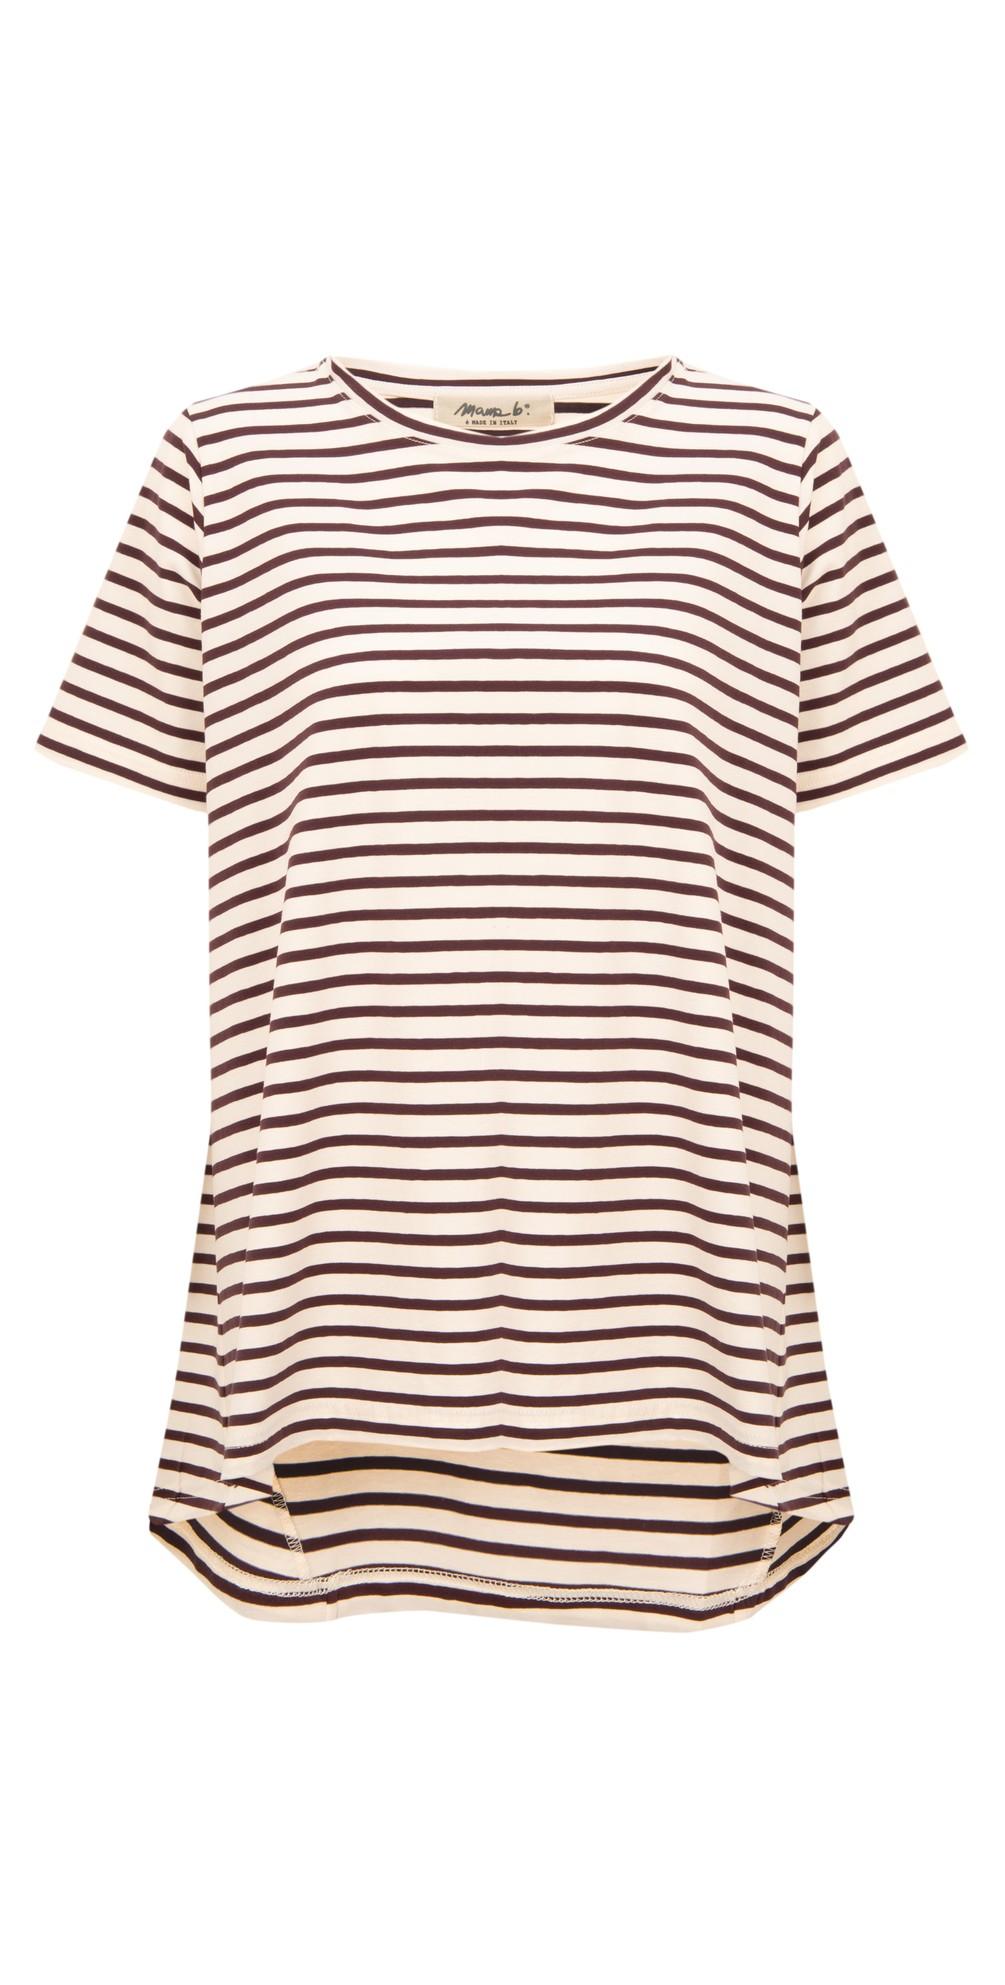 Rhum R T-Shirt main image